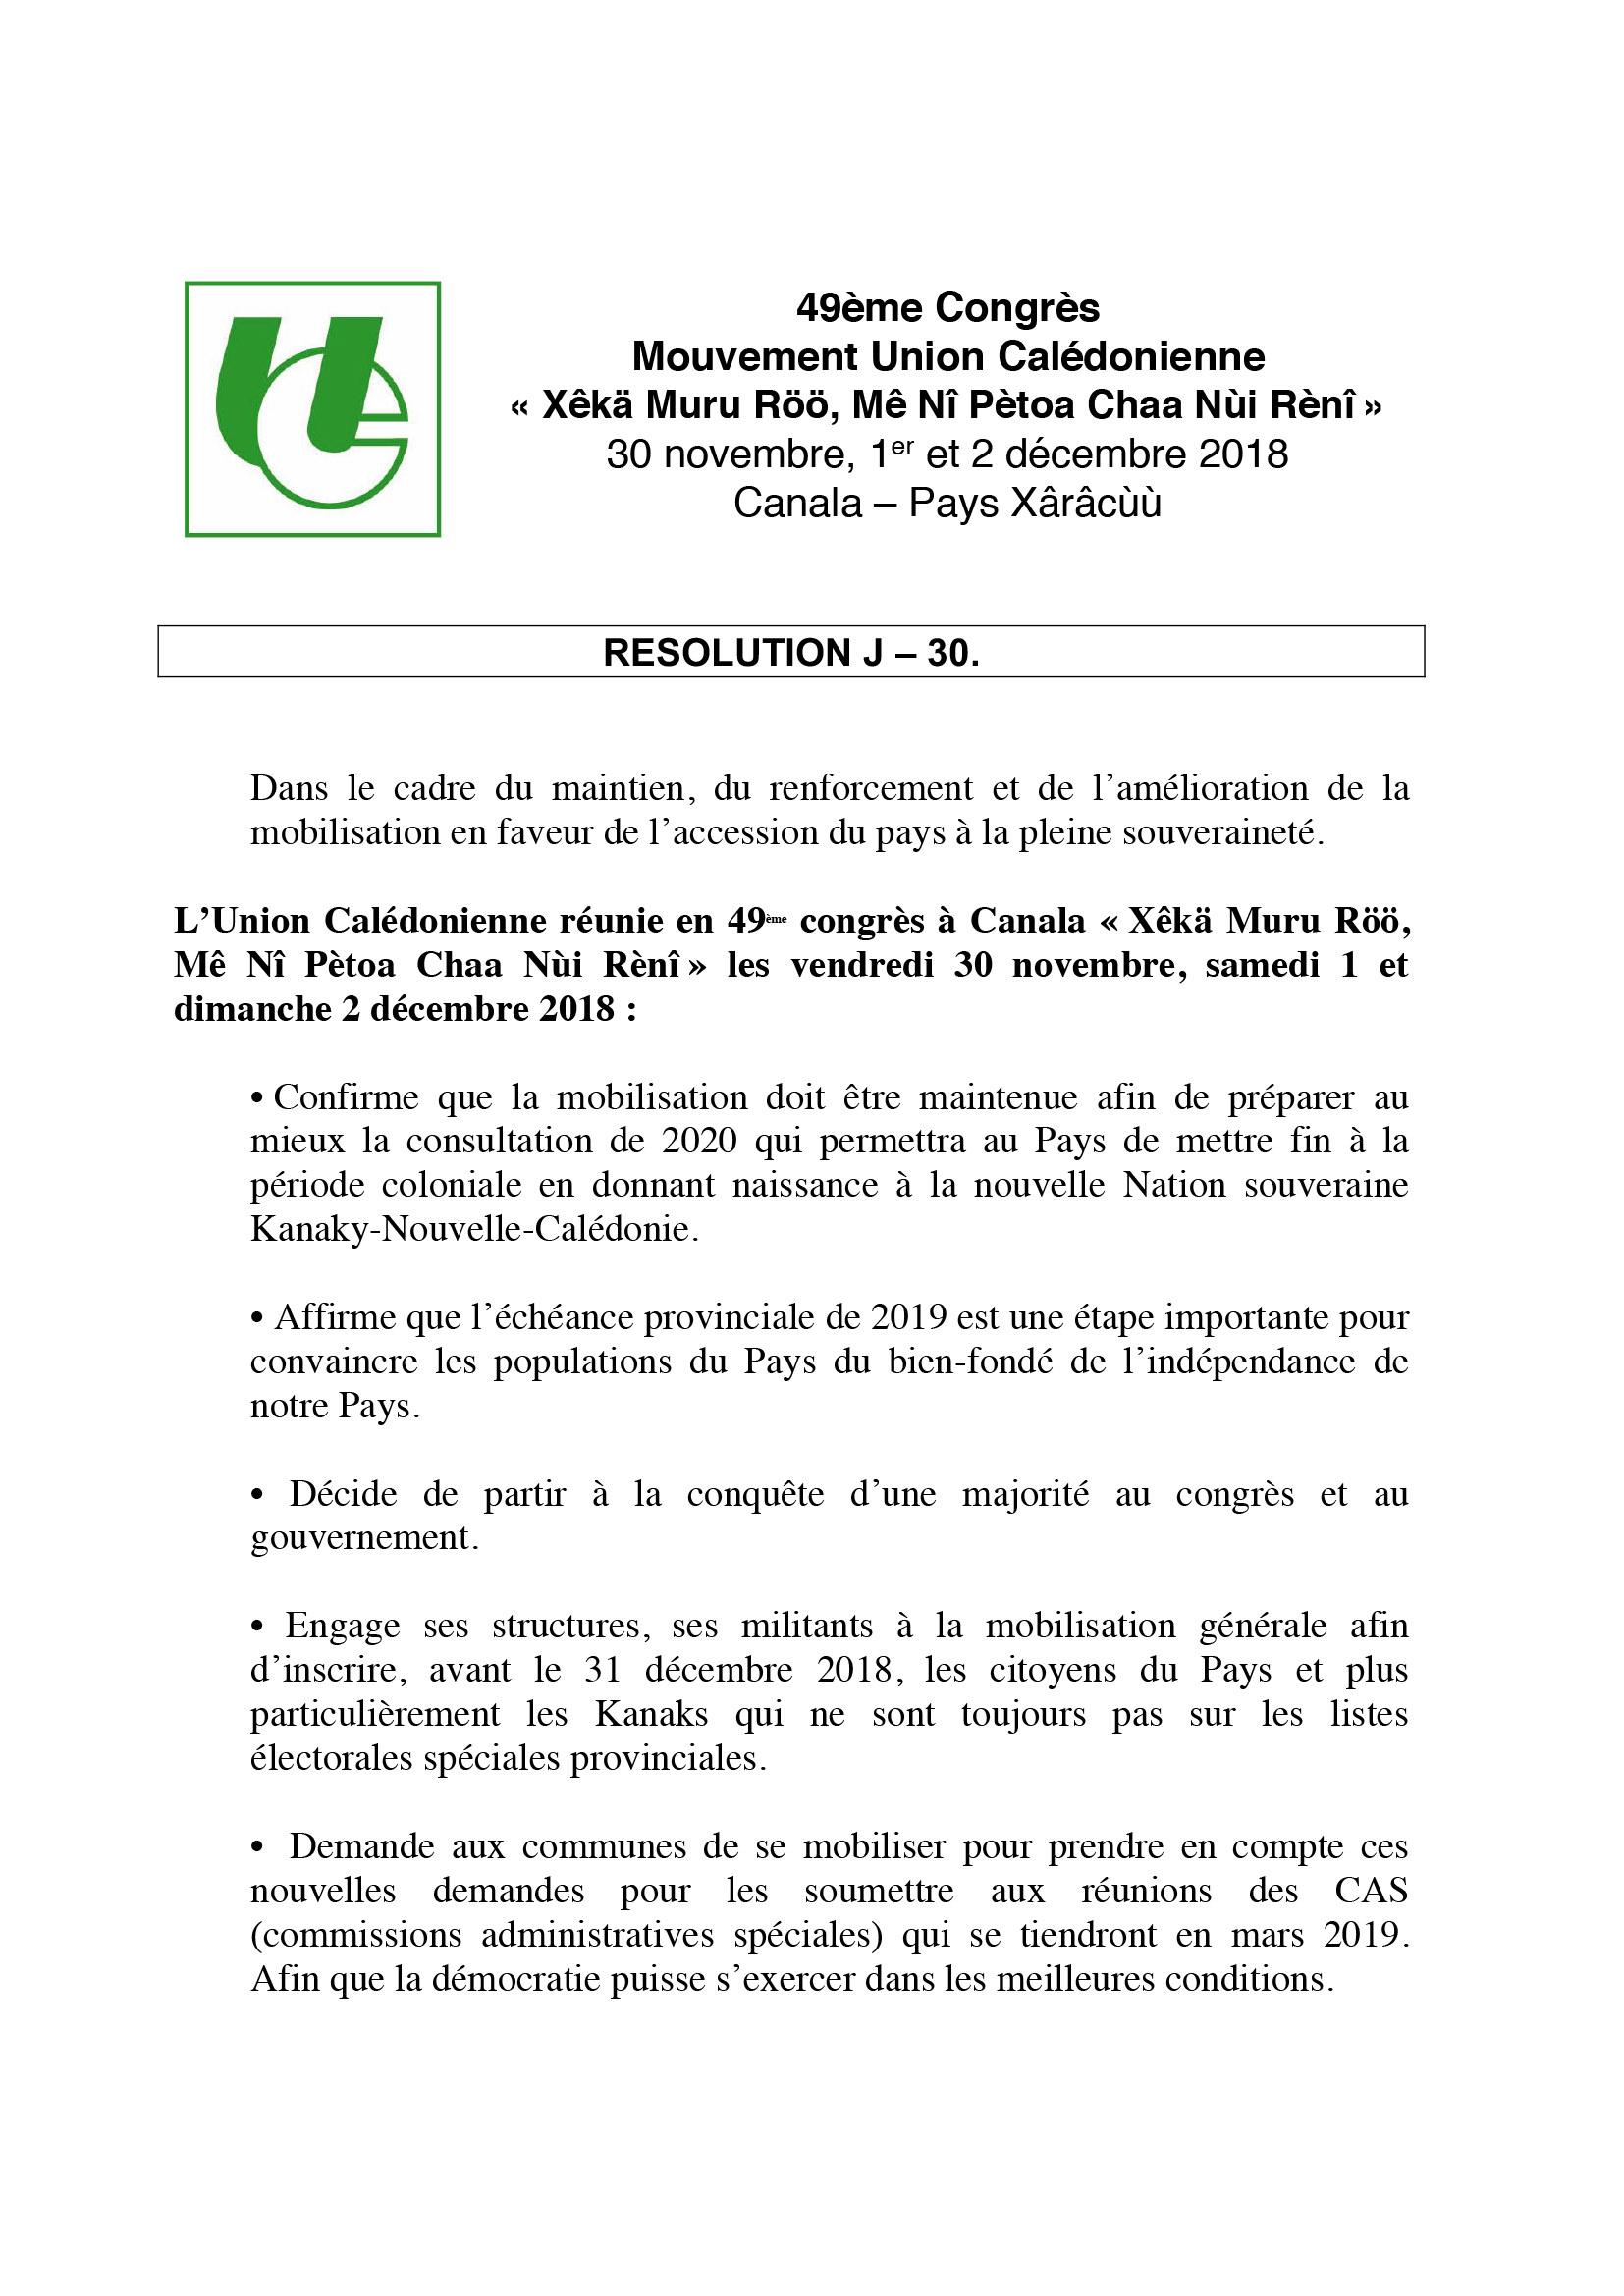 Résolution J-30